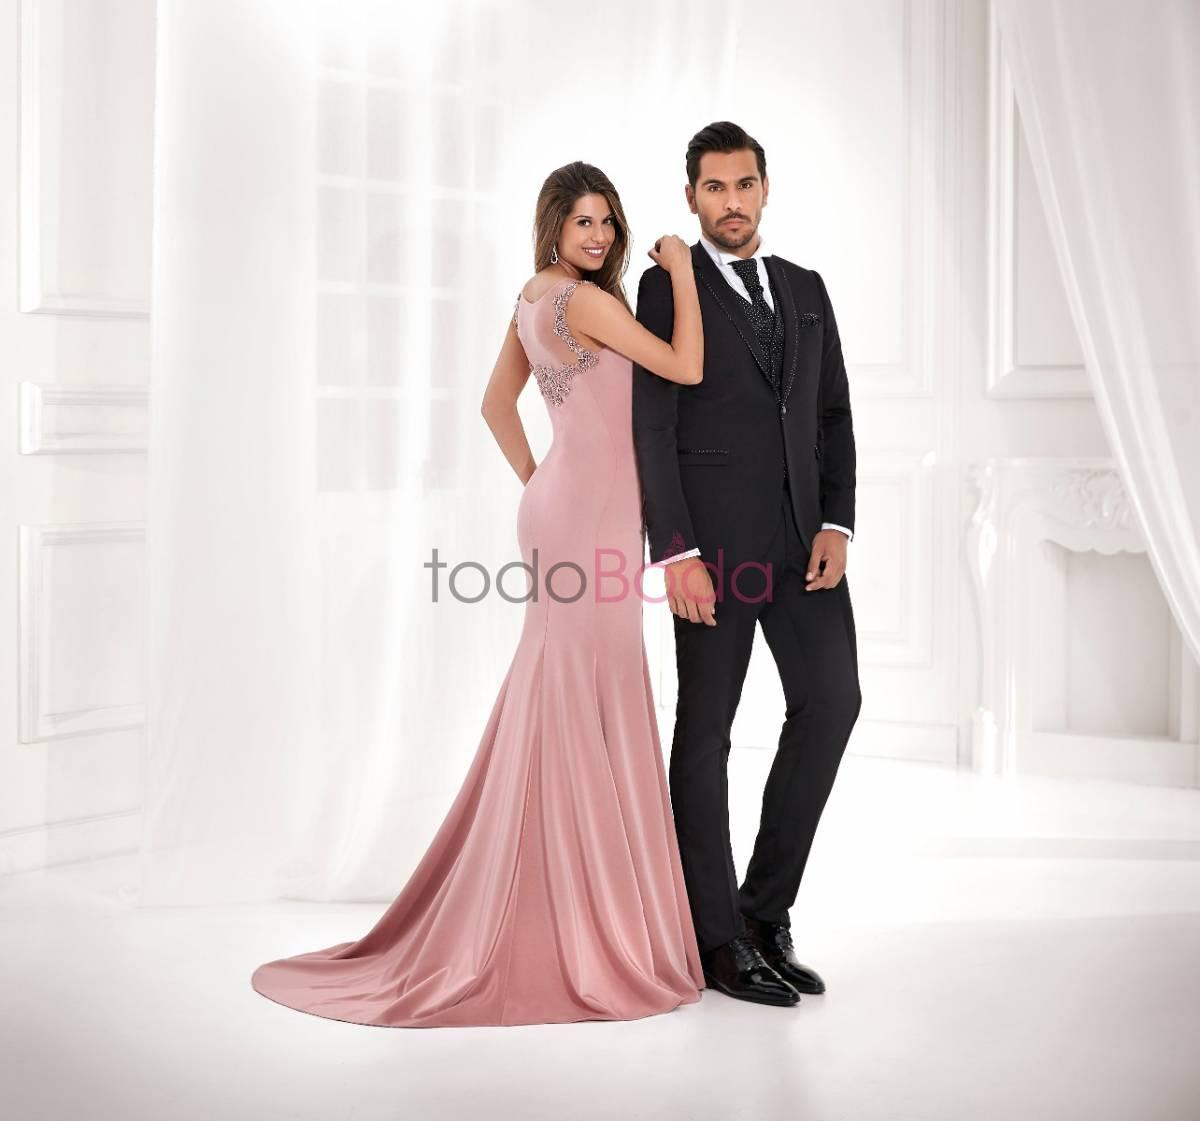 Vestidos para boda de dia sevilla